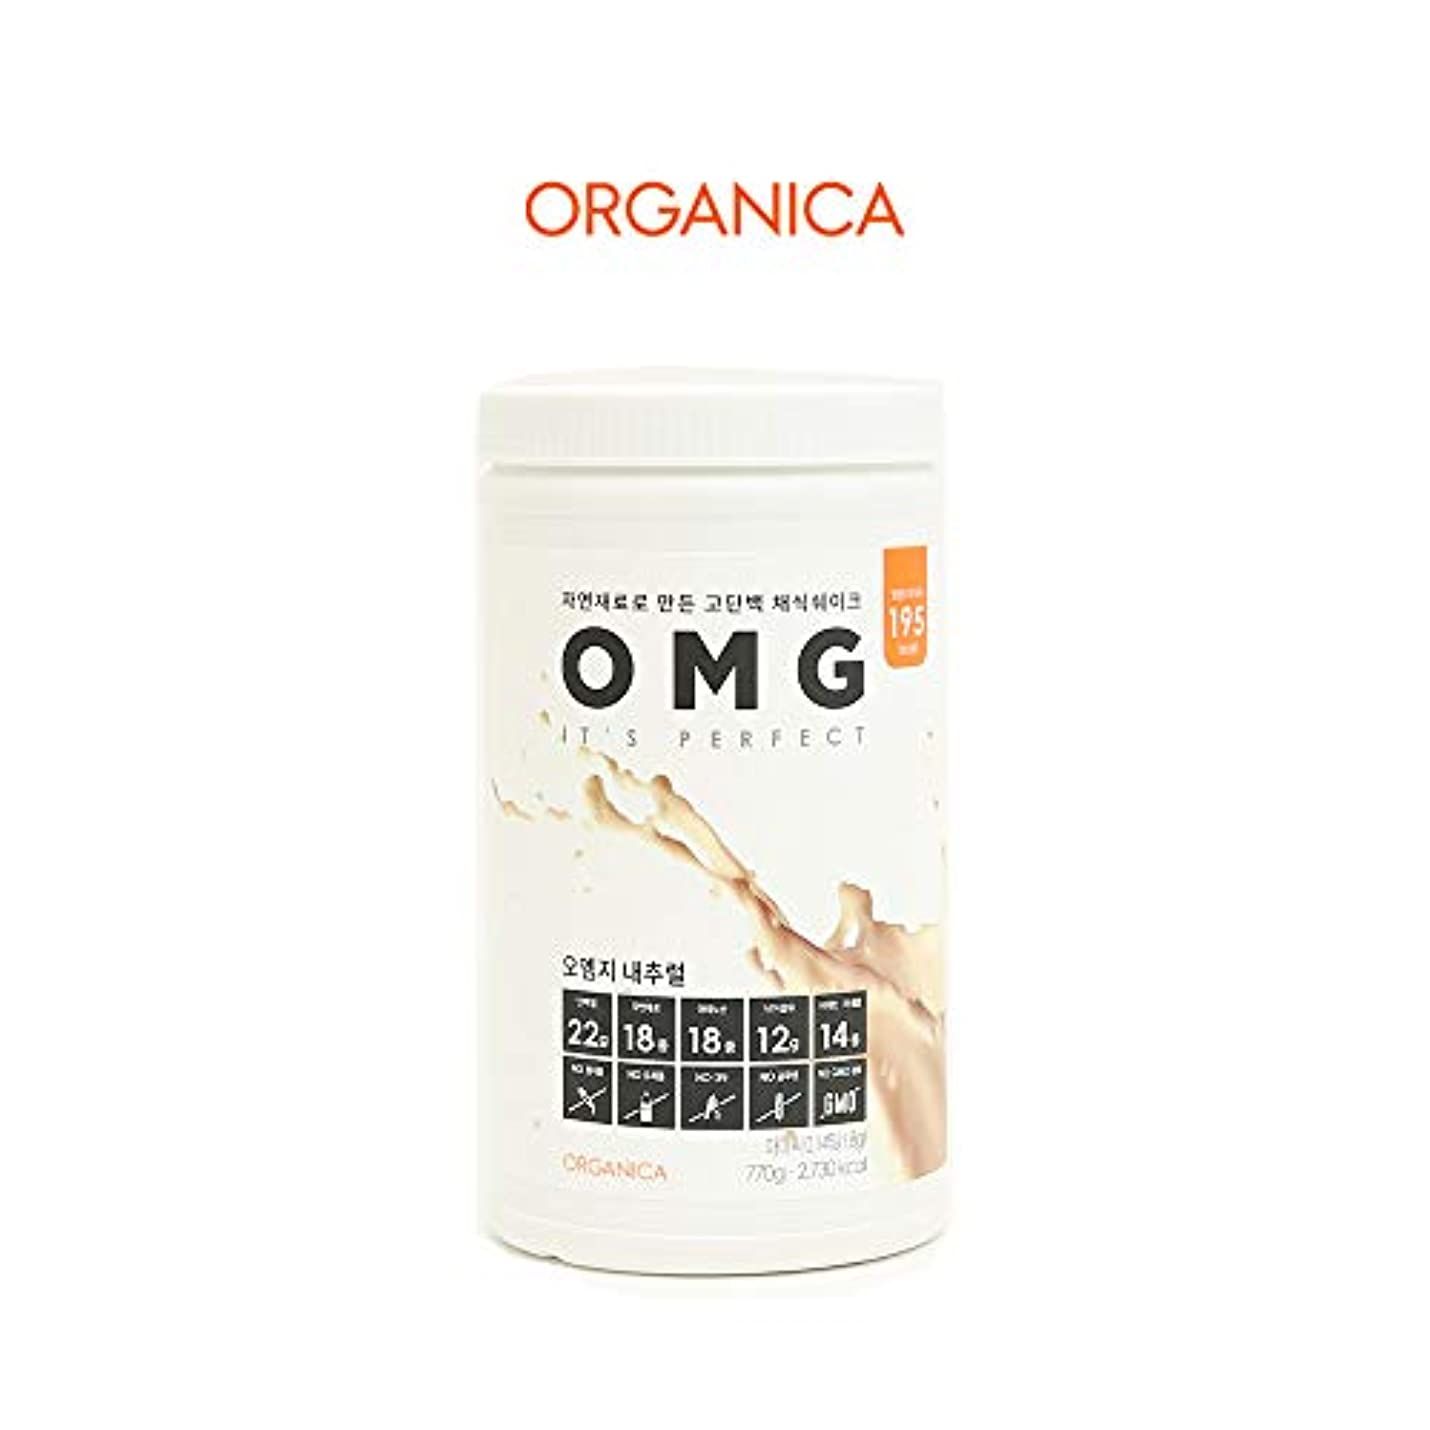 金銭的な付添人眉オーエムジー タンパク質 ダイエット シェイク (OMG, protein shake) (ナチュラル)